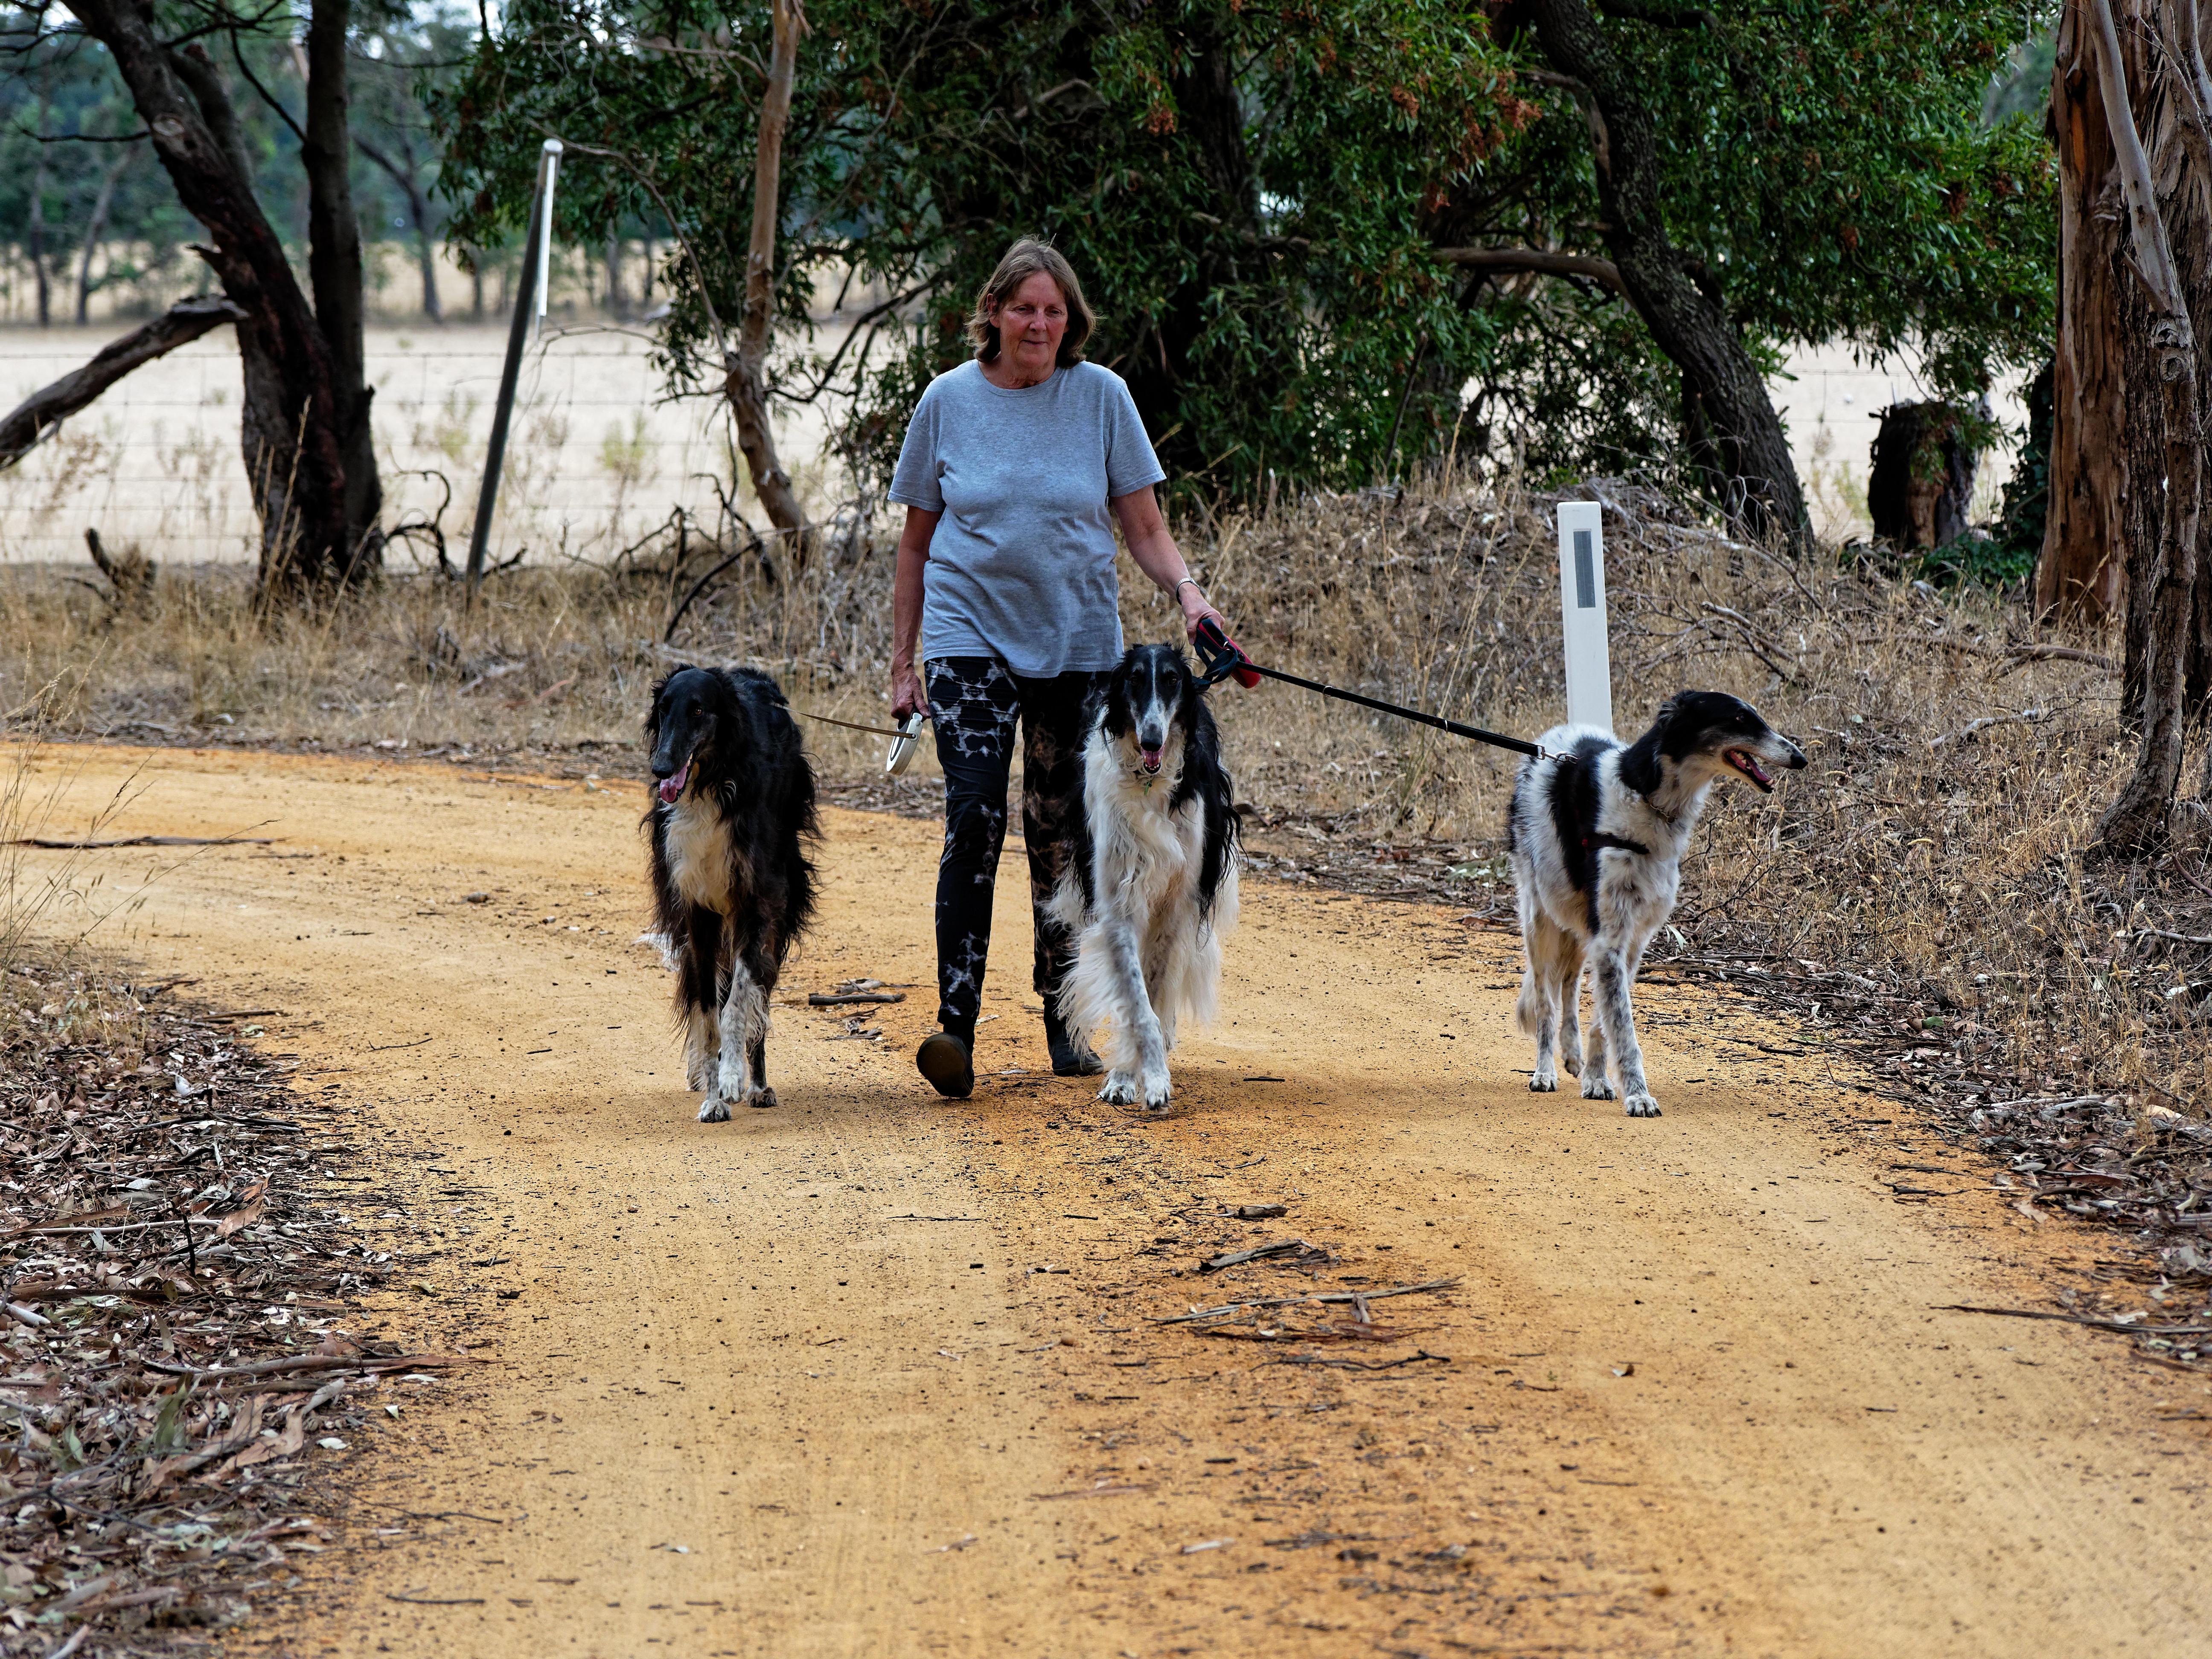 Walking-dogs-26.jpeg